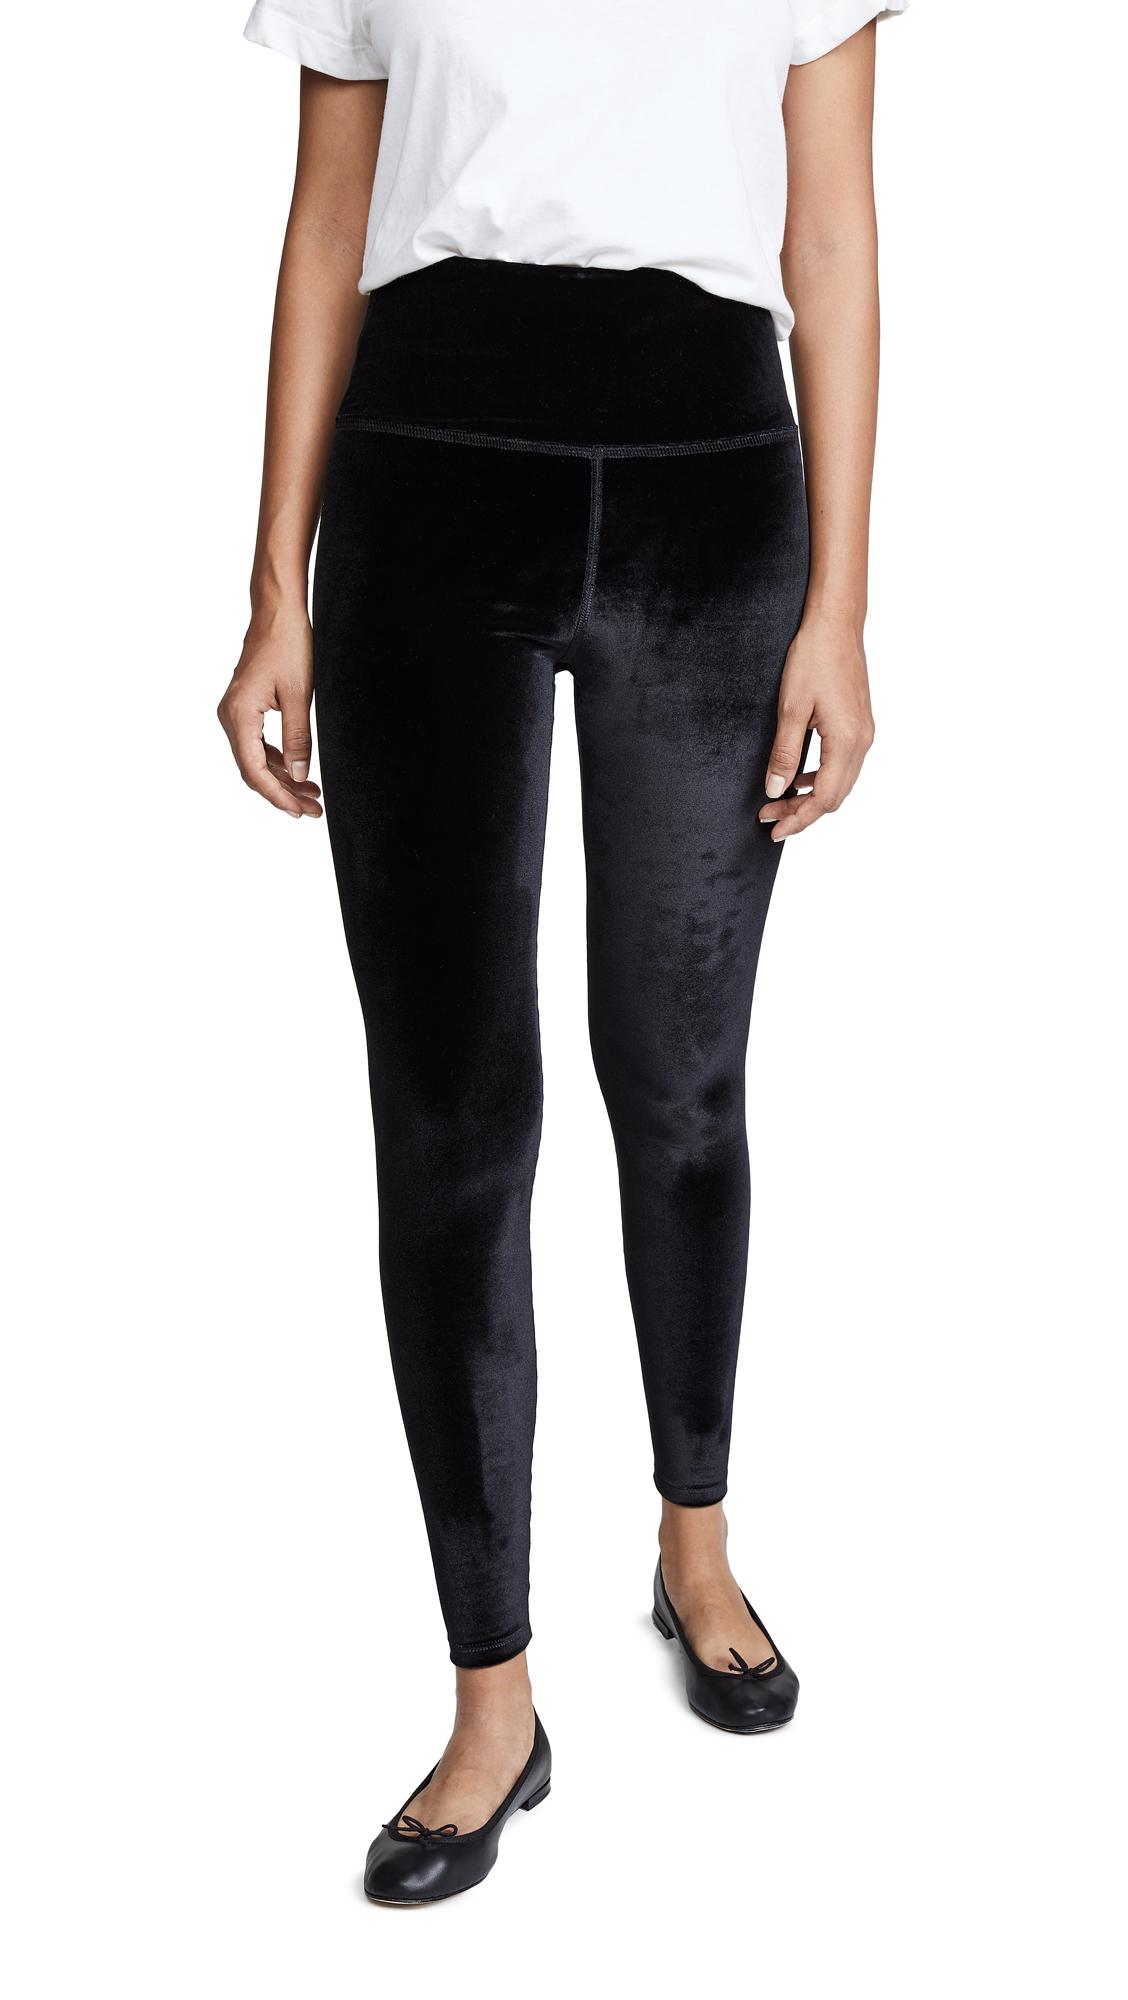 BEYOND YOGA Velvet Motion High Waisted Midi Legging in Black